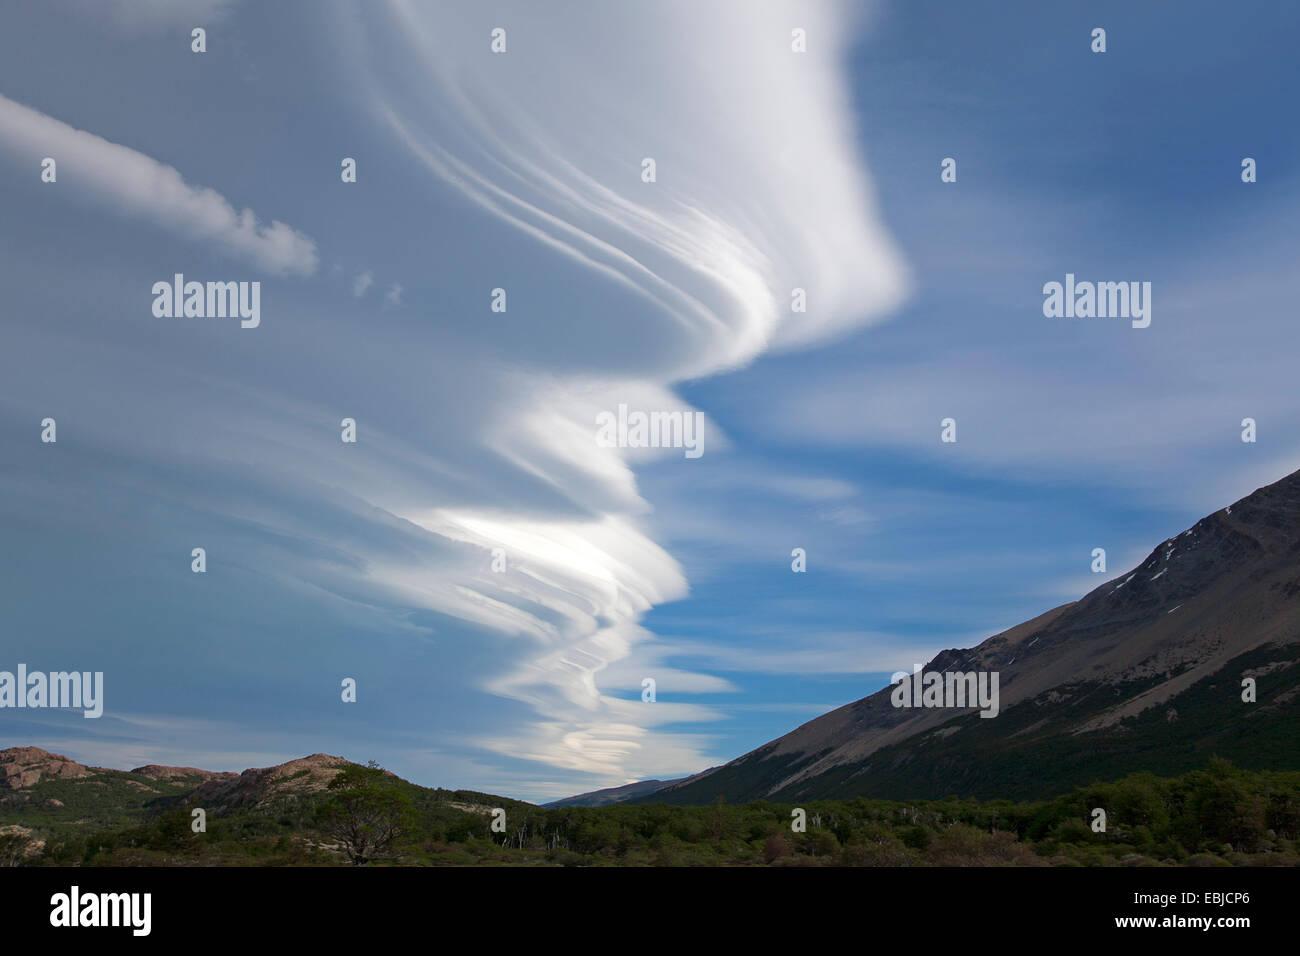 Altocumulus Lenticularis Clouds Stock Photos & Altocumulus ...  Altocumulus Len...